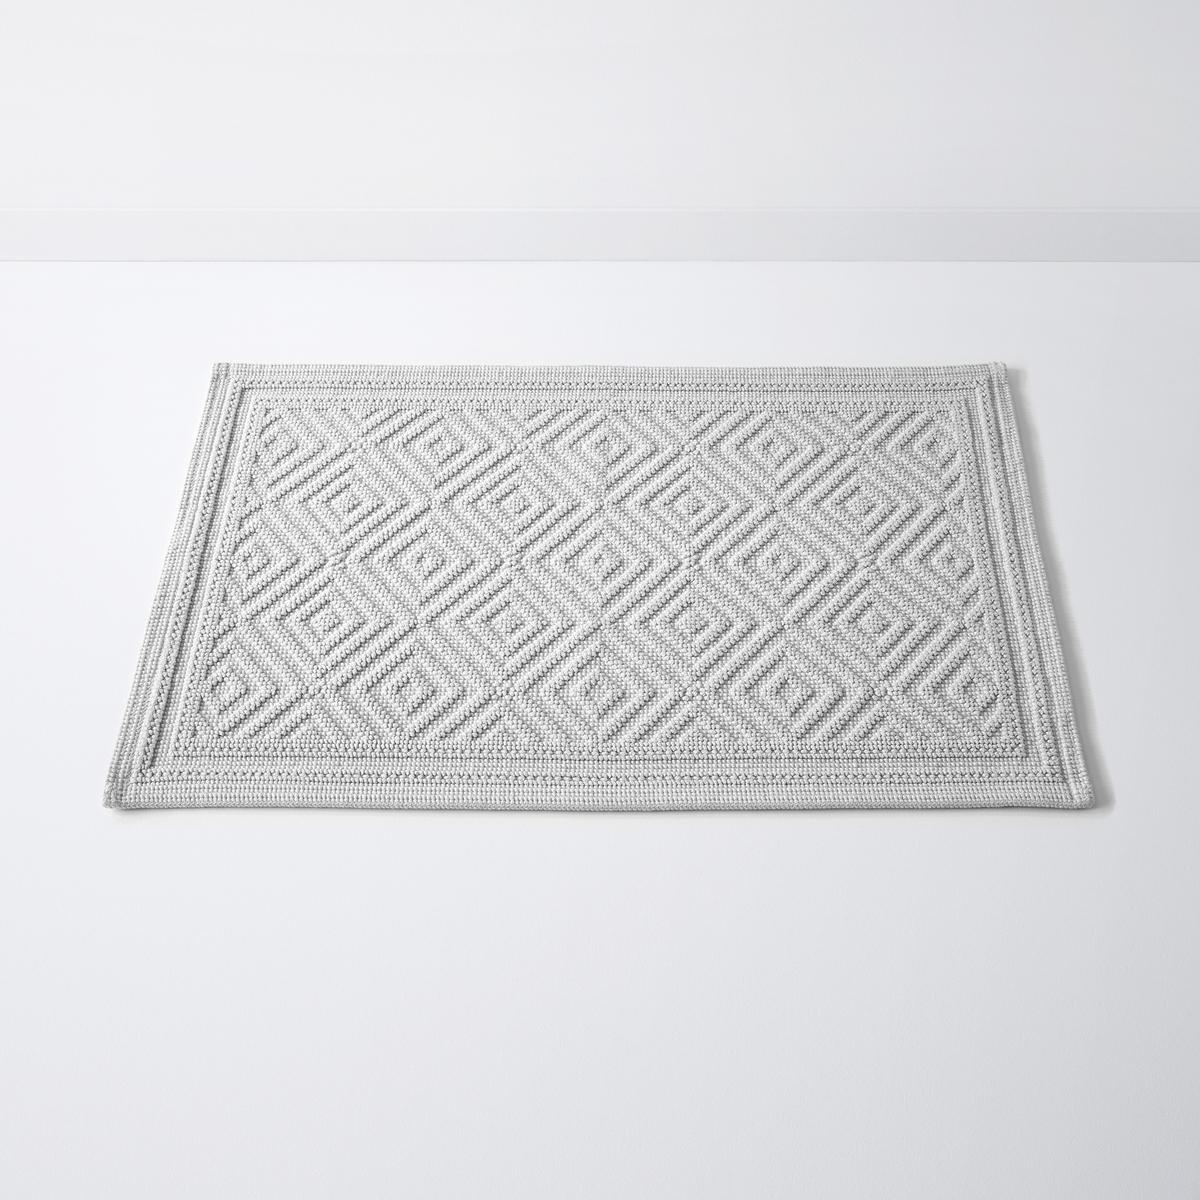 Коврик для ванной с рельефным рисункомCAIRO, 100% хлопок (1500 г/м?)Коврик для ванной CAIRO, качество Best, с рельефным рисунком,100% хлопок. Рельефный рисунок - одновременно графичный и изысканный - украшает этот коврик для ванной CAIRO, качество Best.Характеристики:Материал: 100% хлопок (1500 г/м?).Противоскользящее покрытие с изнанки.Уход:Машинная стирка при 60°С.Размеры:50 x 70 см.<br><br>Цвет: голубой бирюзовый,серый,синий сапфировый<br>Размер: 50 x 80  см.50 x 80  см